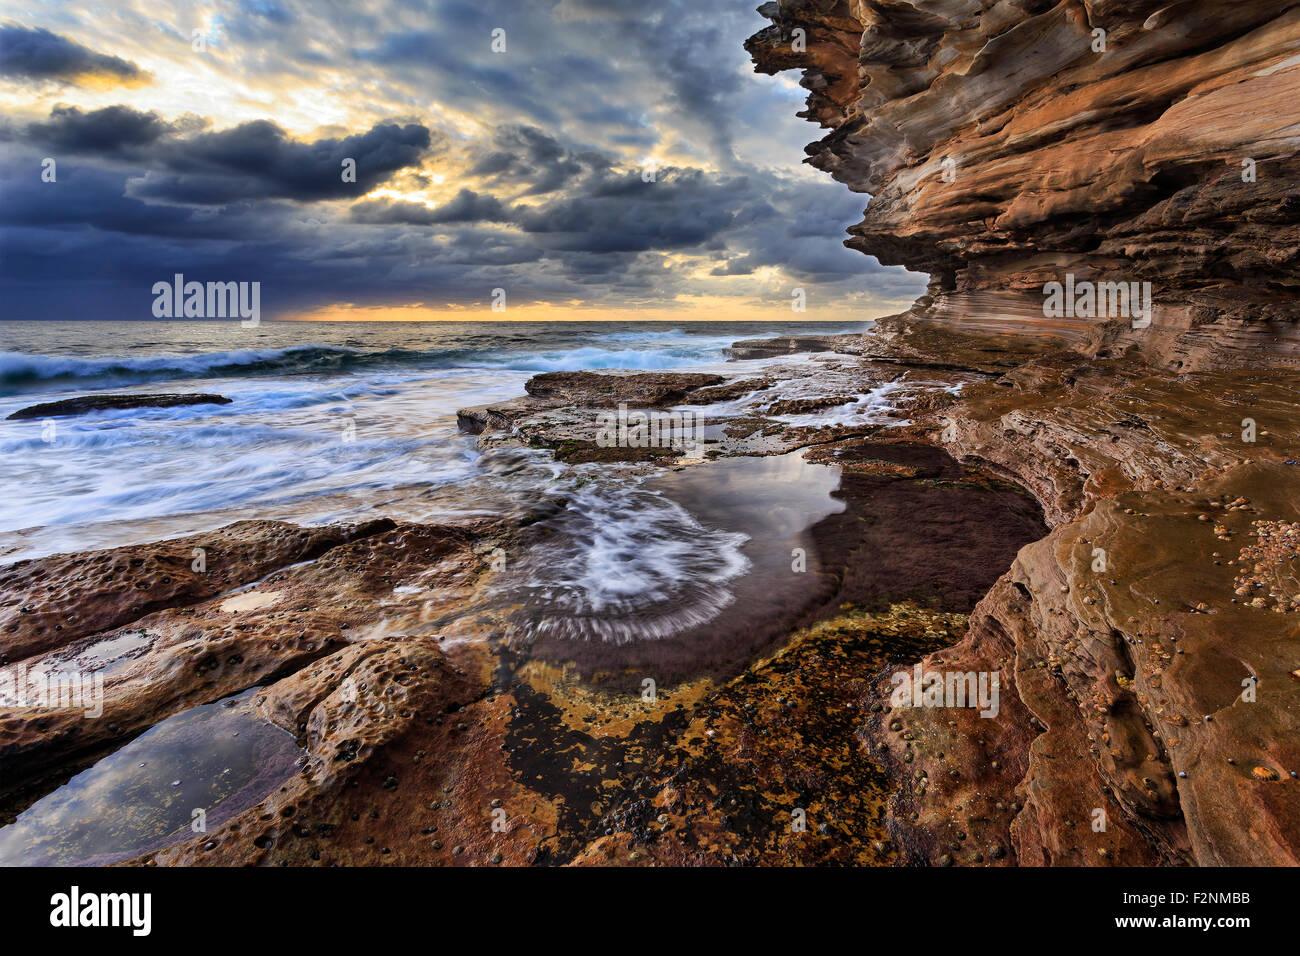 Naturale di rocce arenarie formando alto paesaggio di salita a bordo di mare della linea costiera di Sydney, Australia Immagini Stock